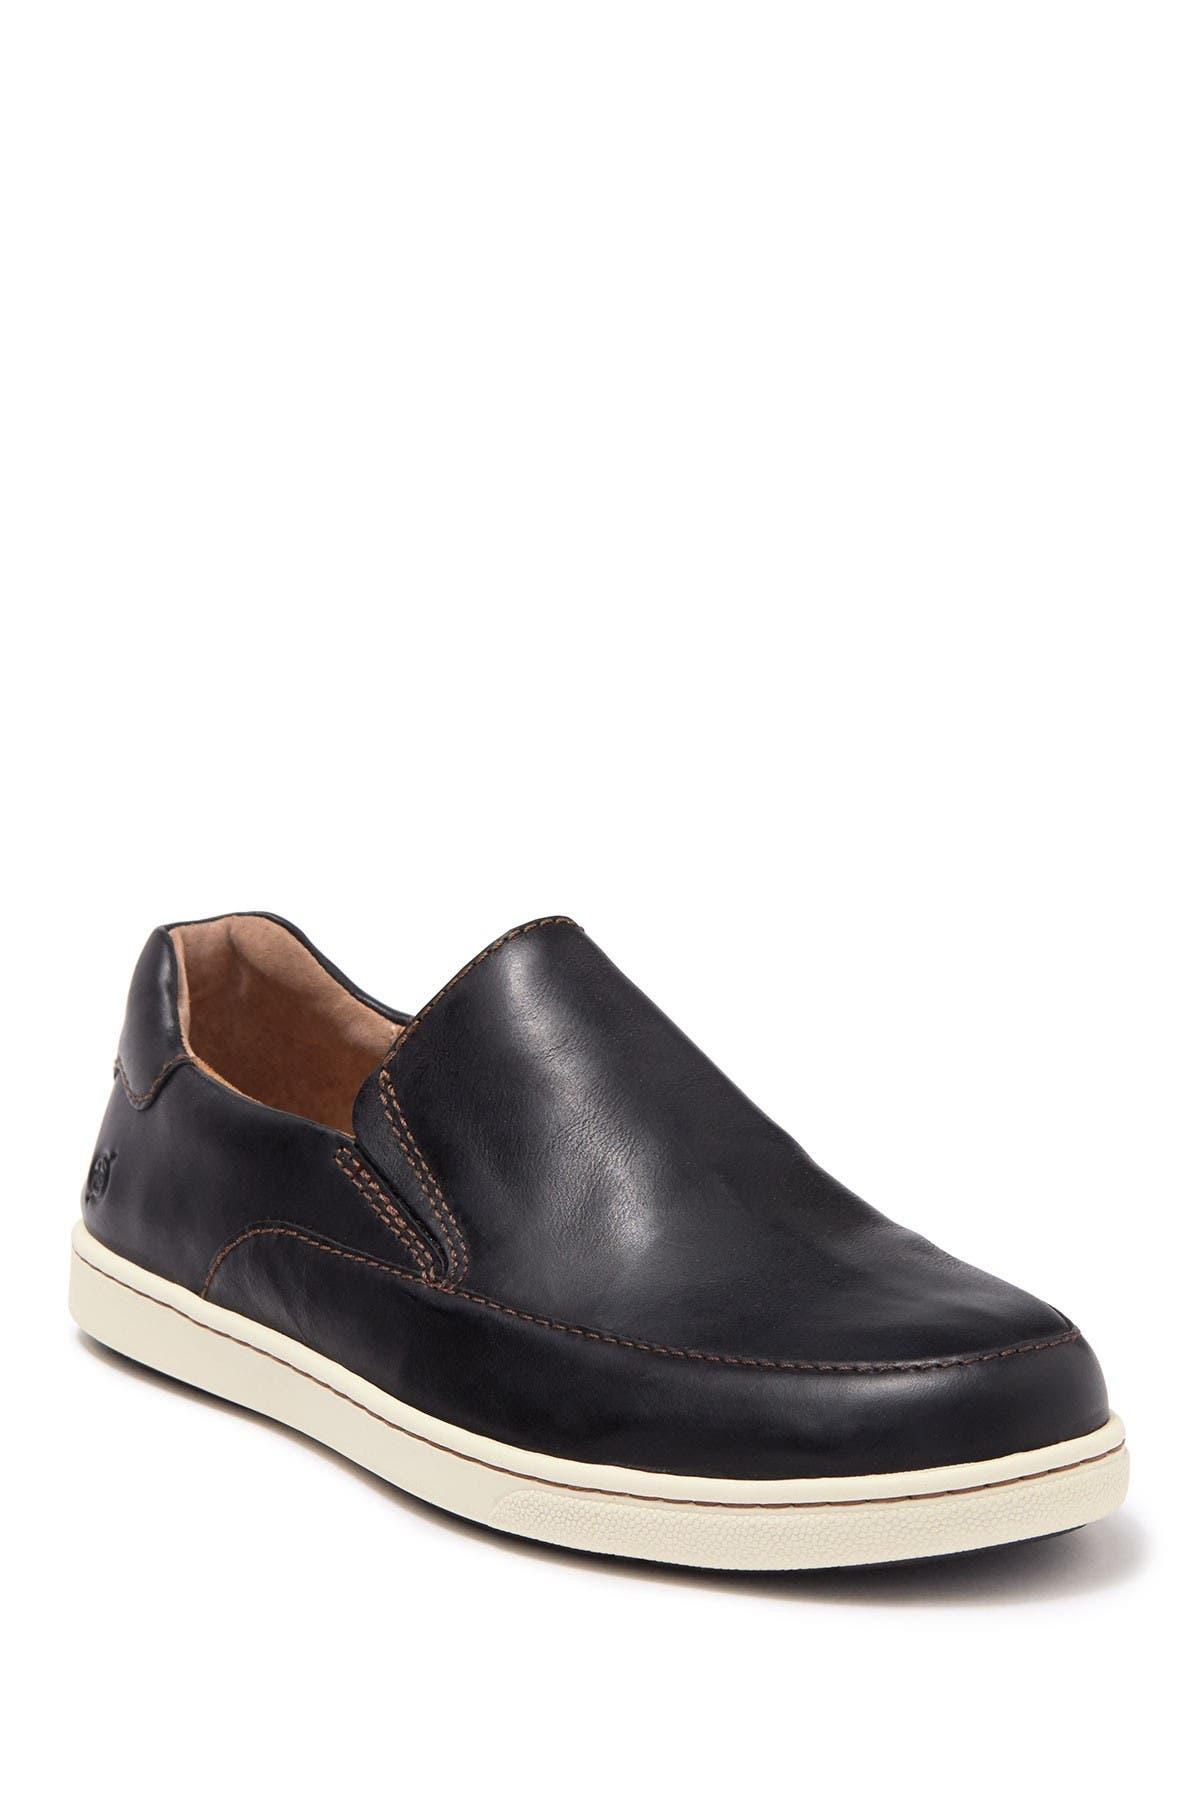 Image of Born Dean Slip-On Sneaker